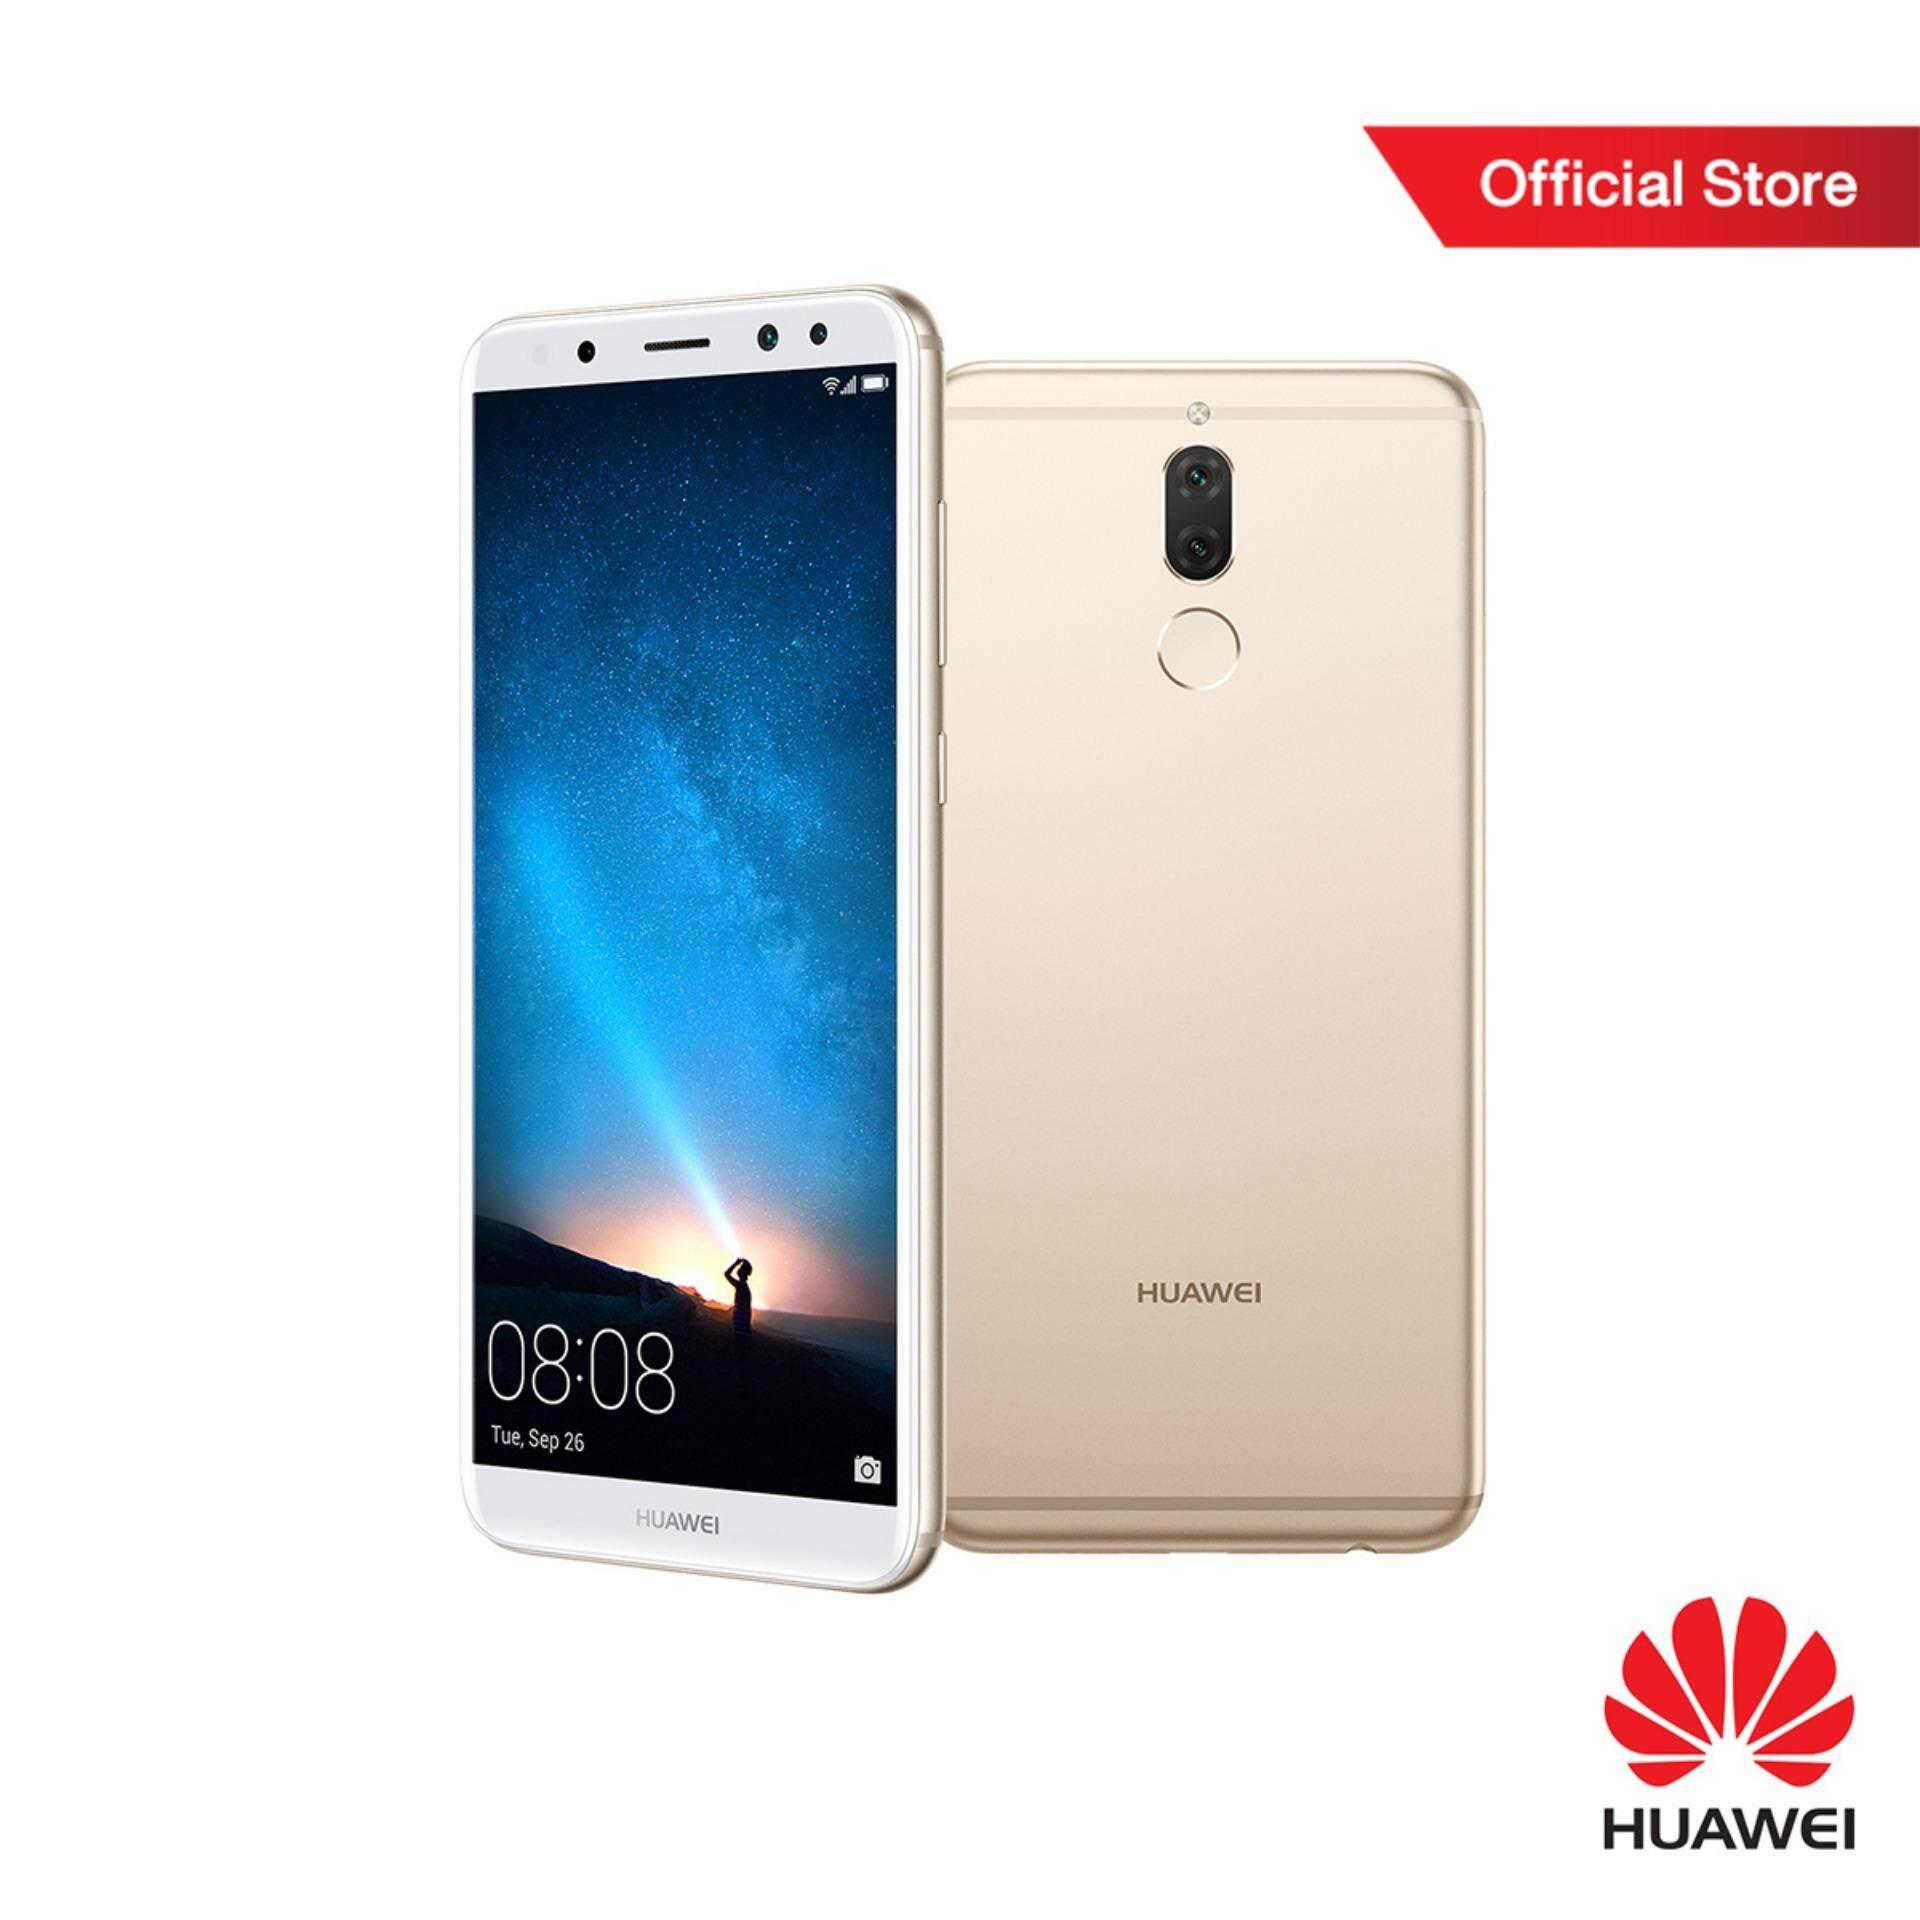 ราคา Huawei Nova 2I 64Gb Prestige Gold เป็นต้นฉบับ